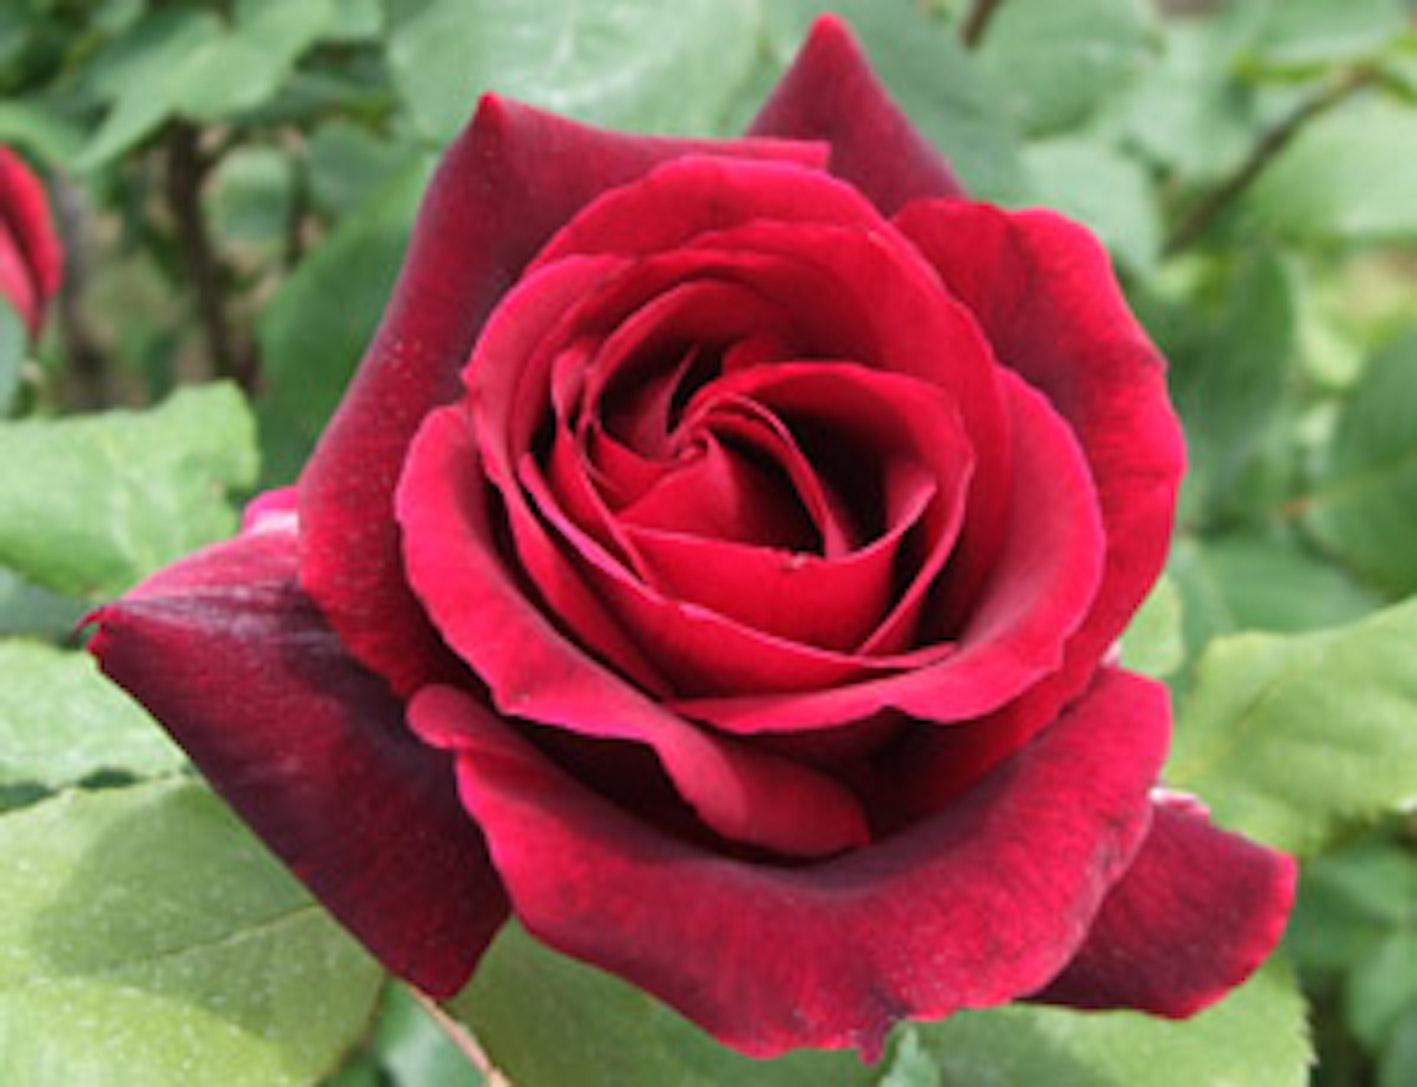 薔薇 葉っぱ 斑点